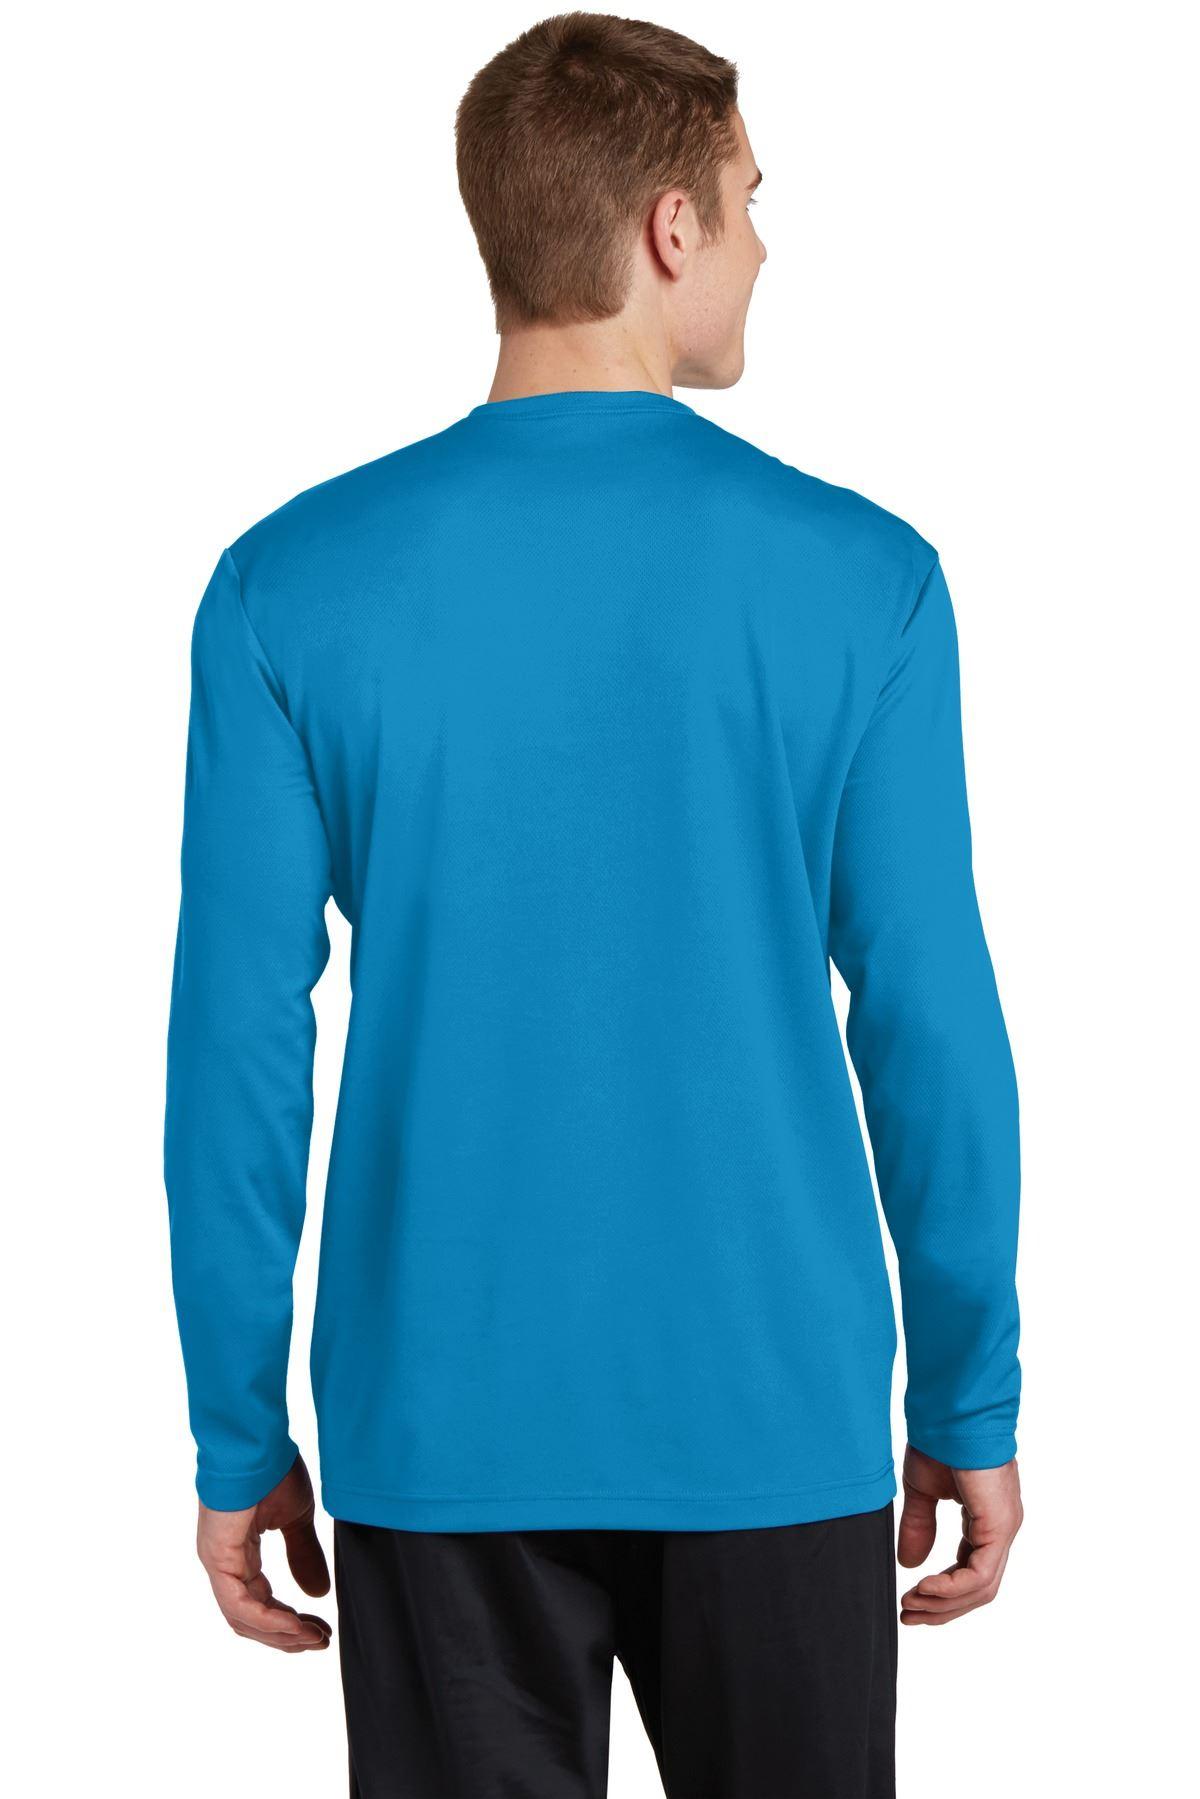 thumbnail 15 - Sport-Tek Men's Dry-Fit RacerMesh Moisture Wicking Long Sleeve T-Shirt ST340LS